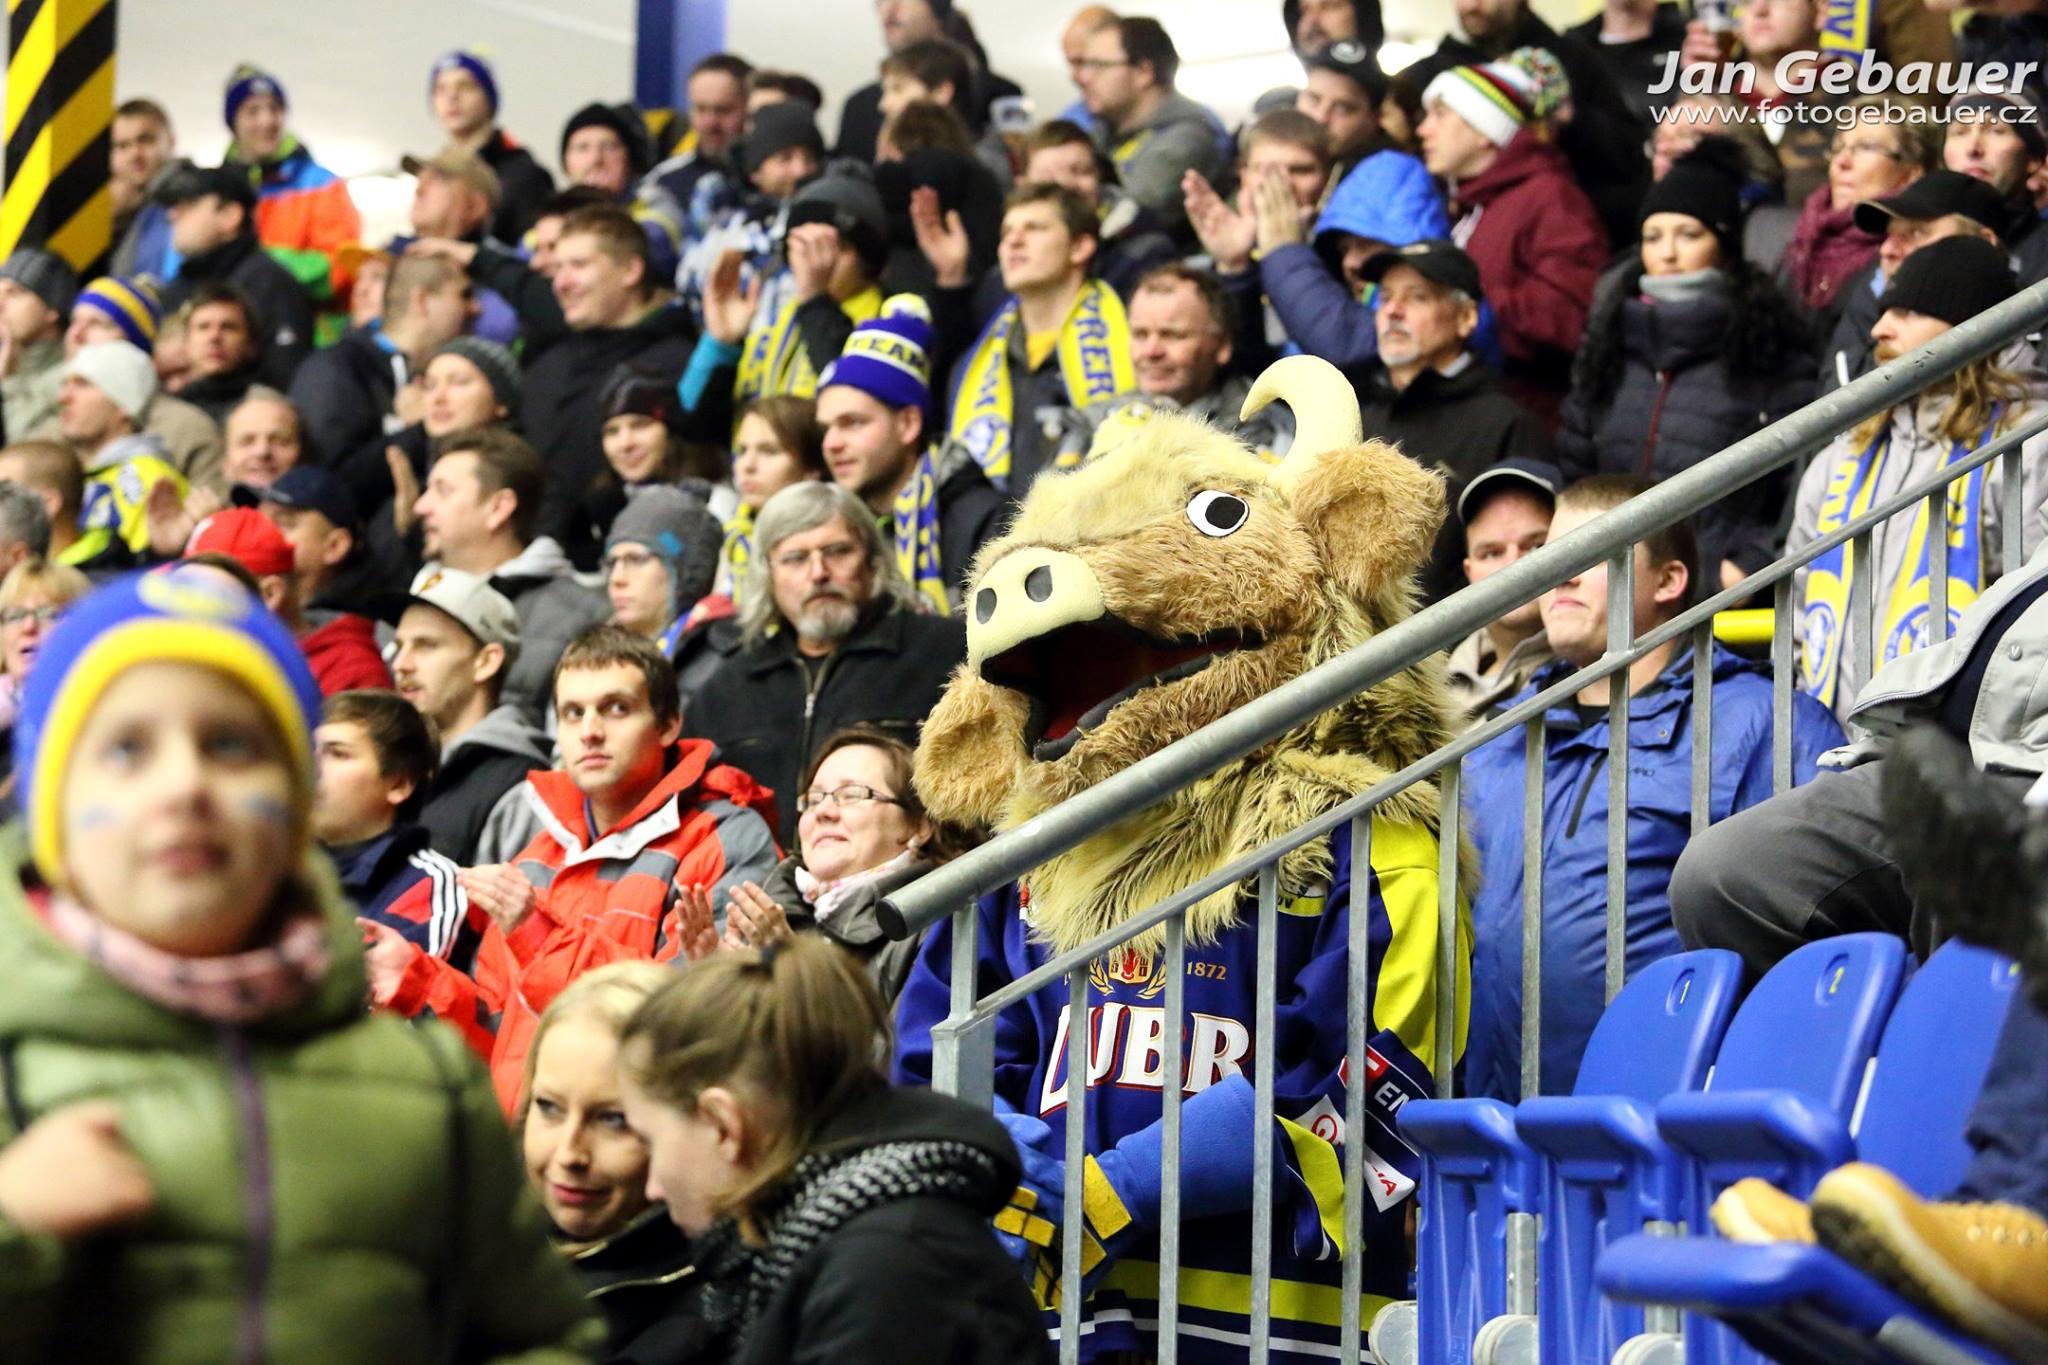 Na bezpečí při hokeji dohlíželo v sobotu přes 100 policistů